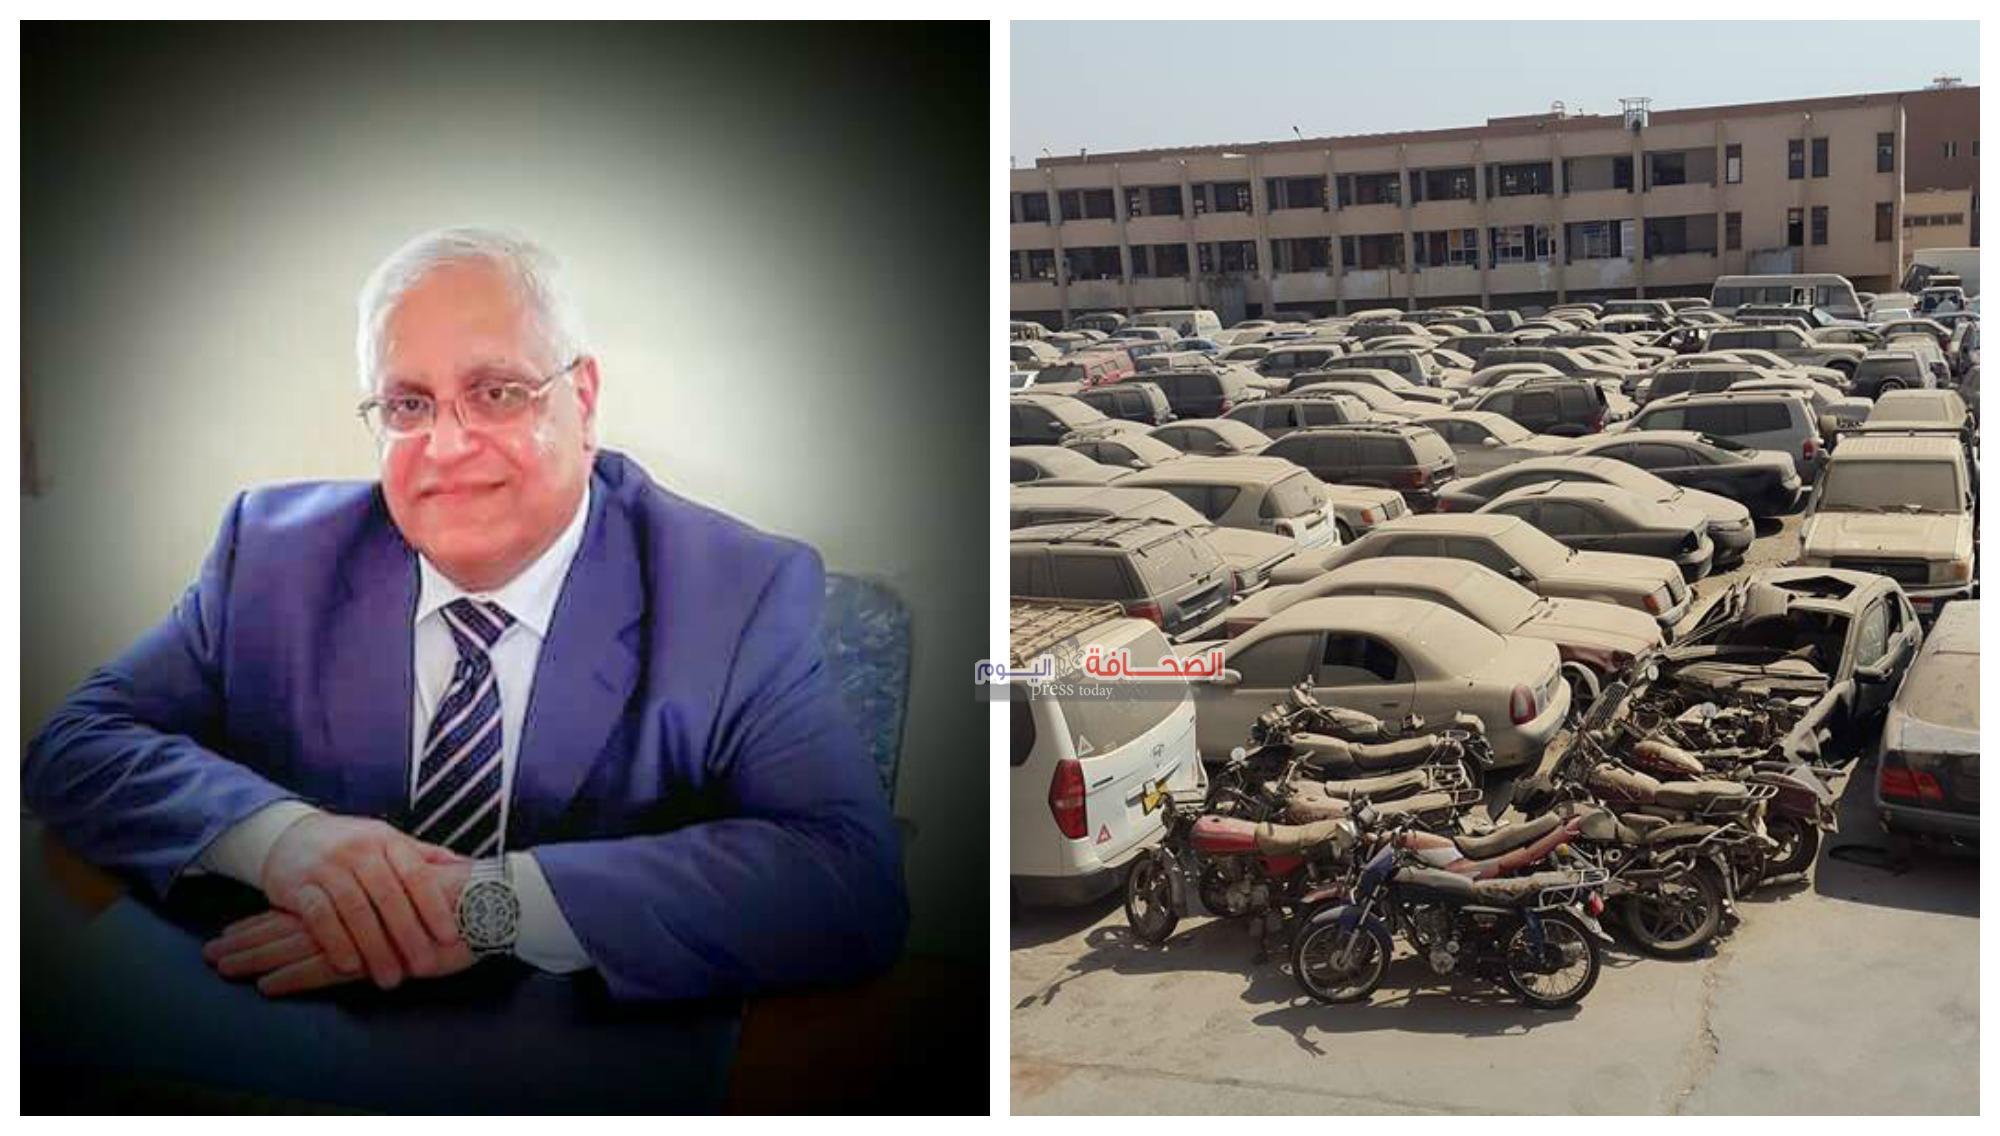 تعرف على :أنواع السيارات المعروضة بأكبر مزاد للإدارة العامة لجمارك  القاهرة